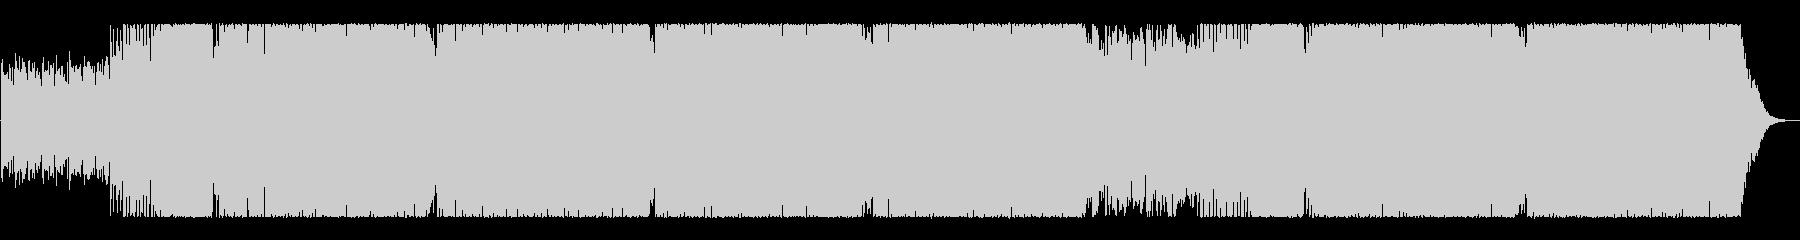 ノリノリ爽快ポップなアップビートEDMの未再生の波形